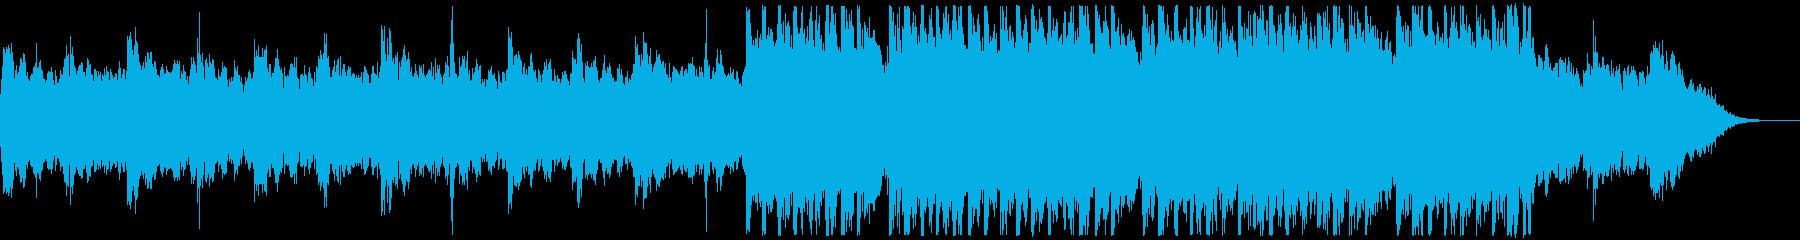 背景音 サスペンス 4の再生済みの波形